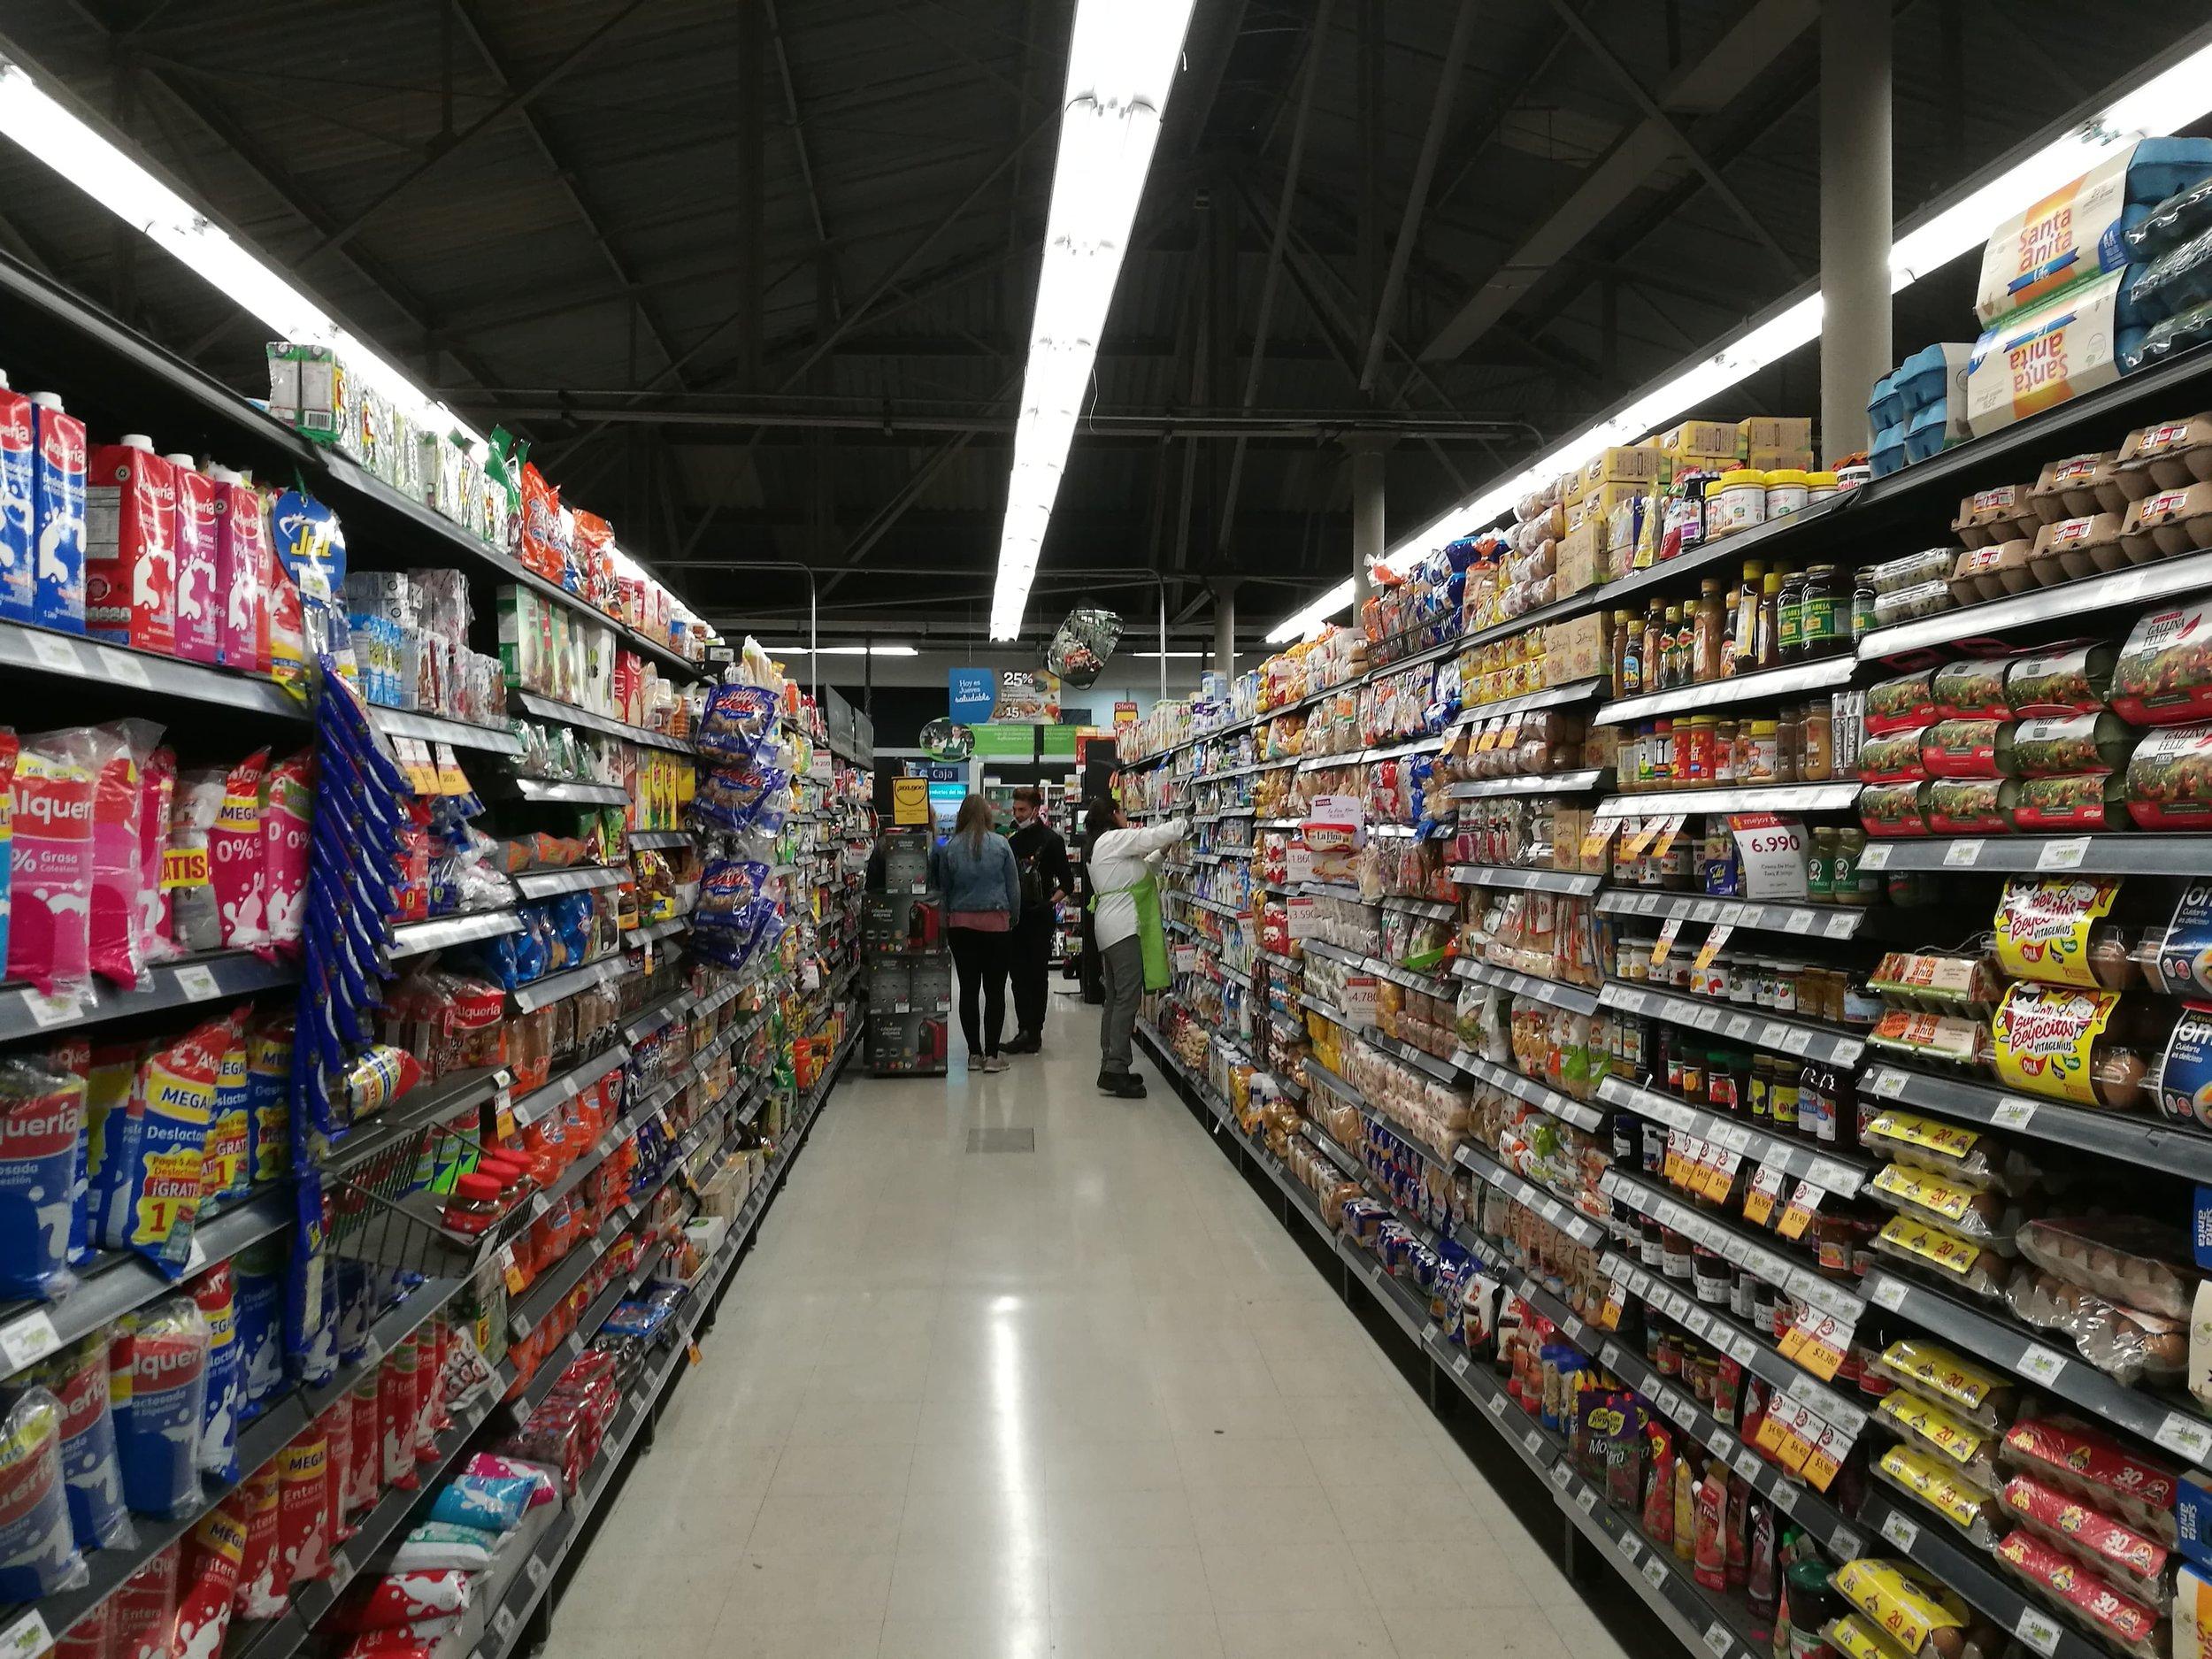 Shopping - Første dag ble brukt til å bli litt kjent med området, ble introdusert til en dyr butikk med mye utvalg (se bilde) og en lokal butikk der vi ble anbefalt å handle dagligvarer.